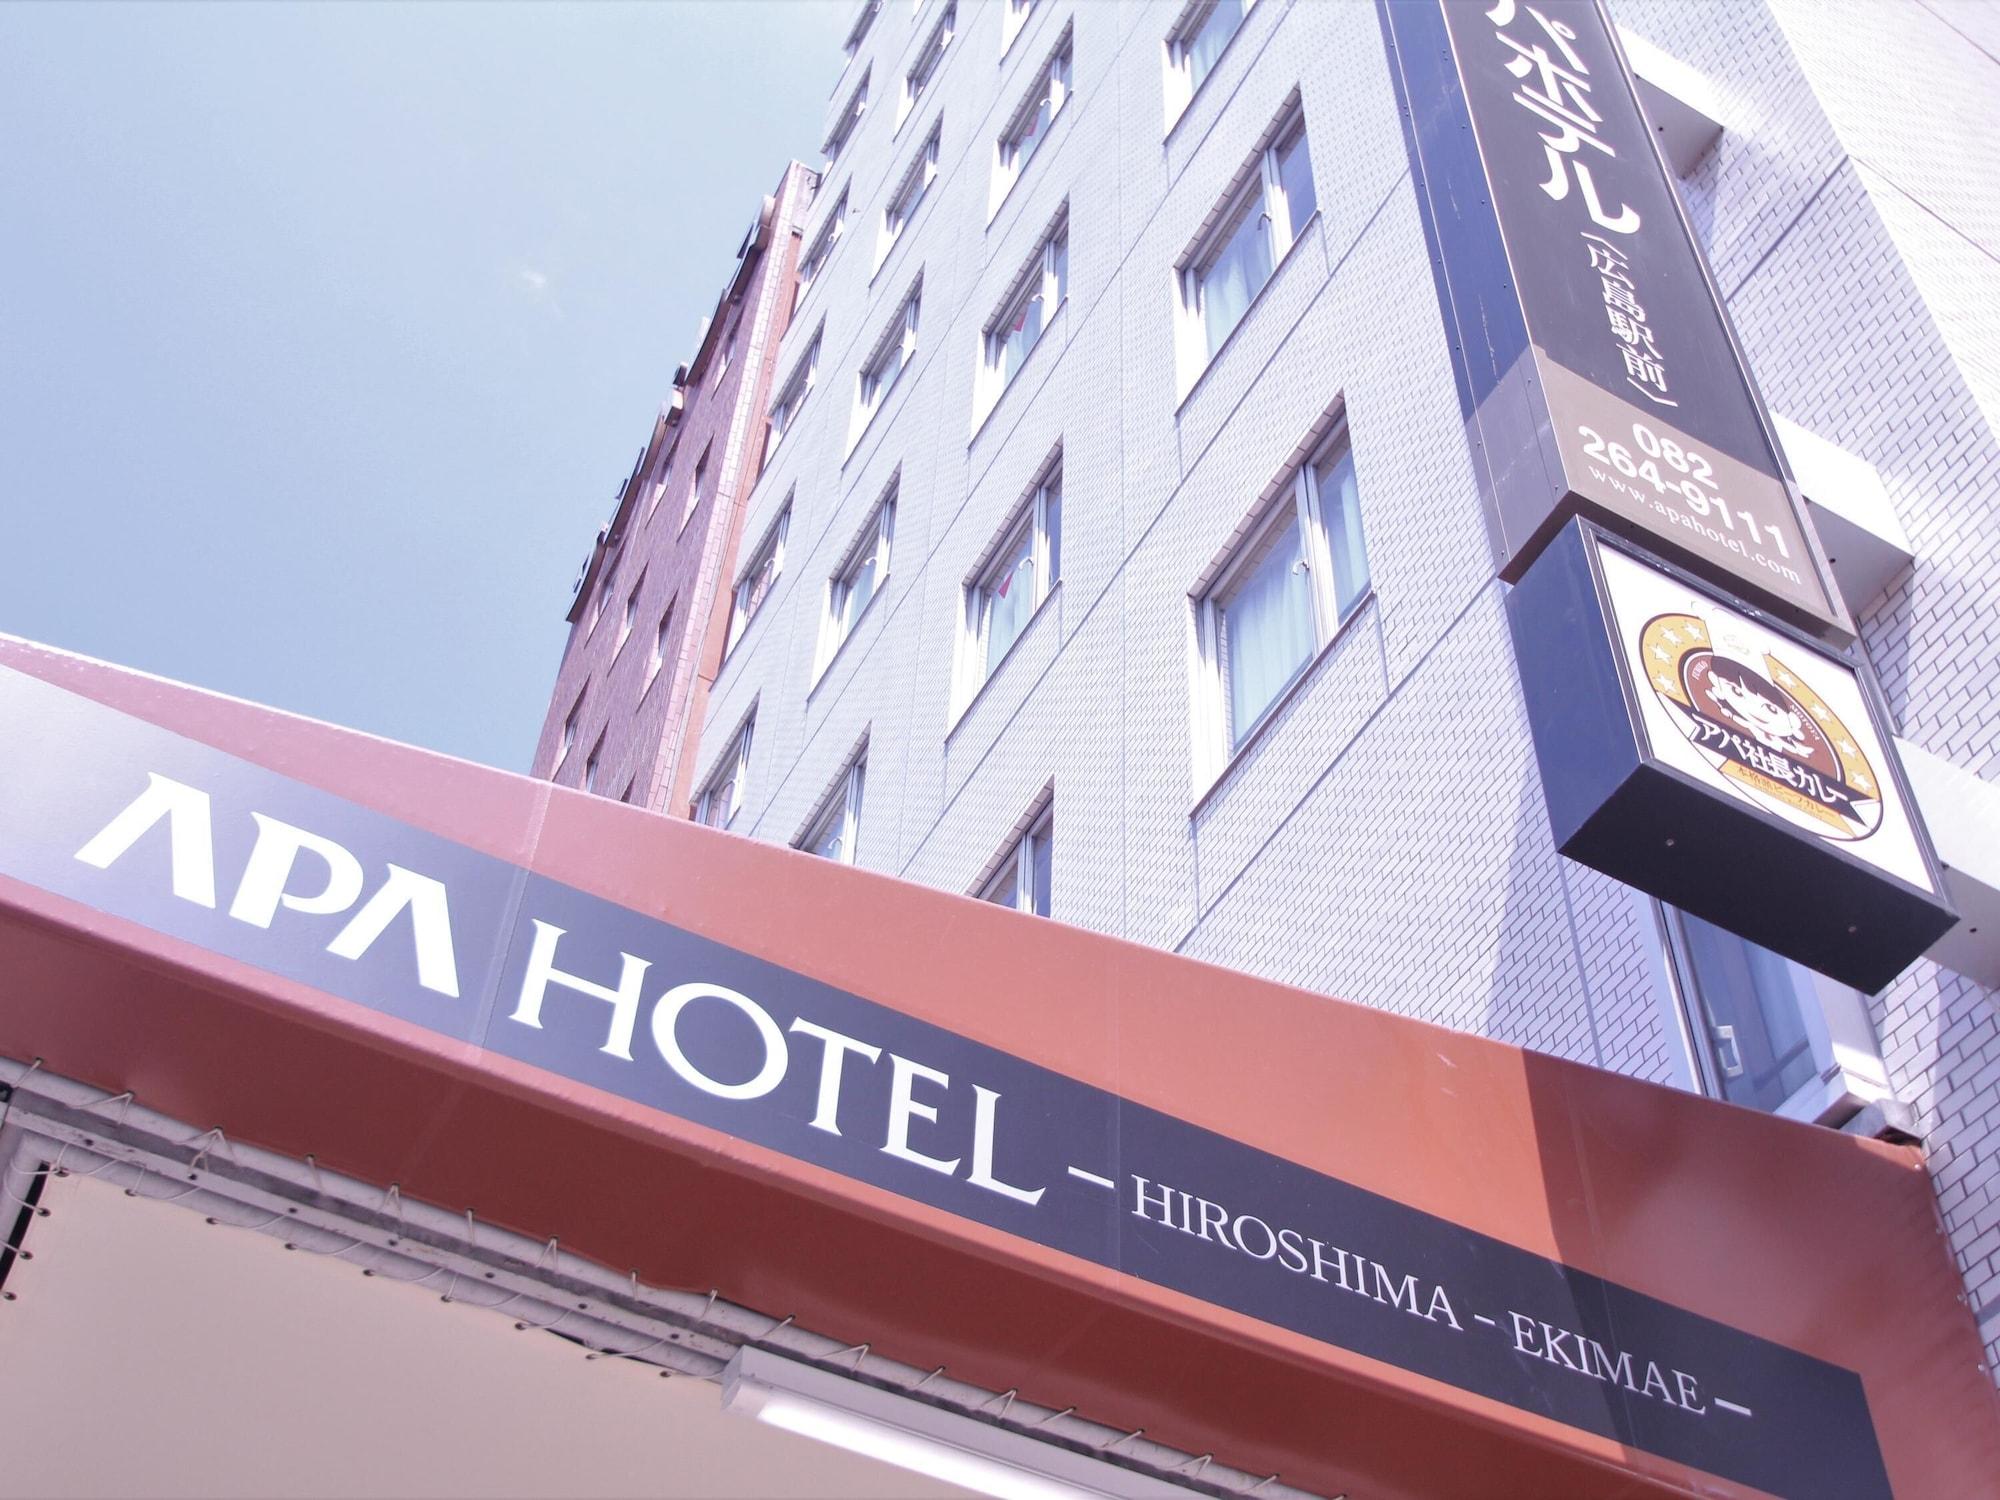 APA Hotel Hiroshima-Ekimae, Hiroshima